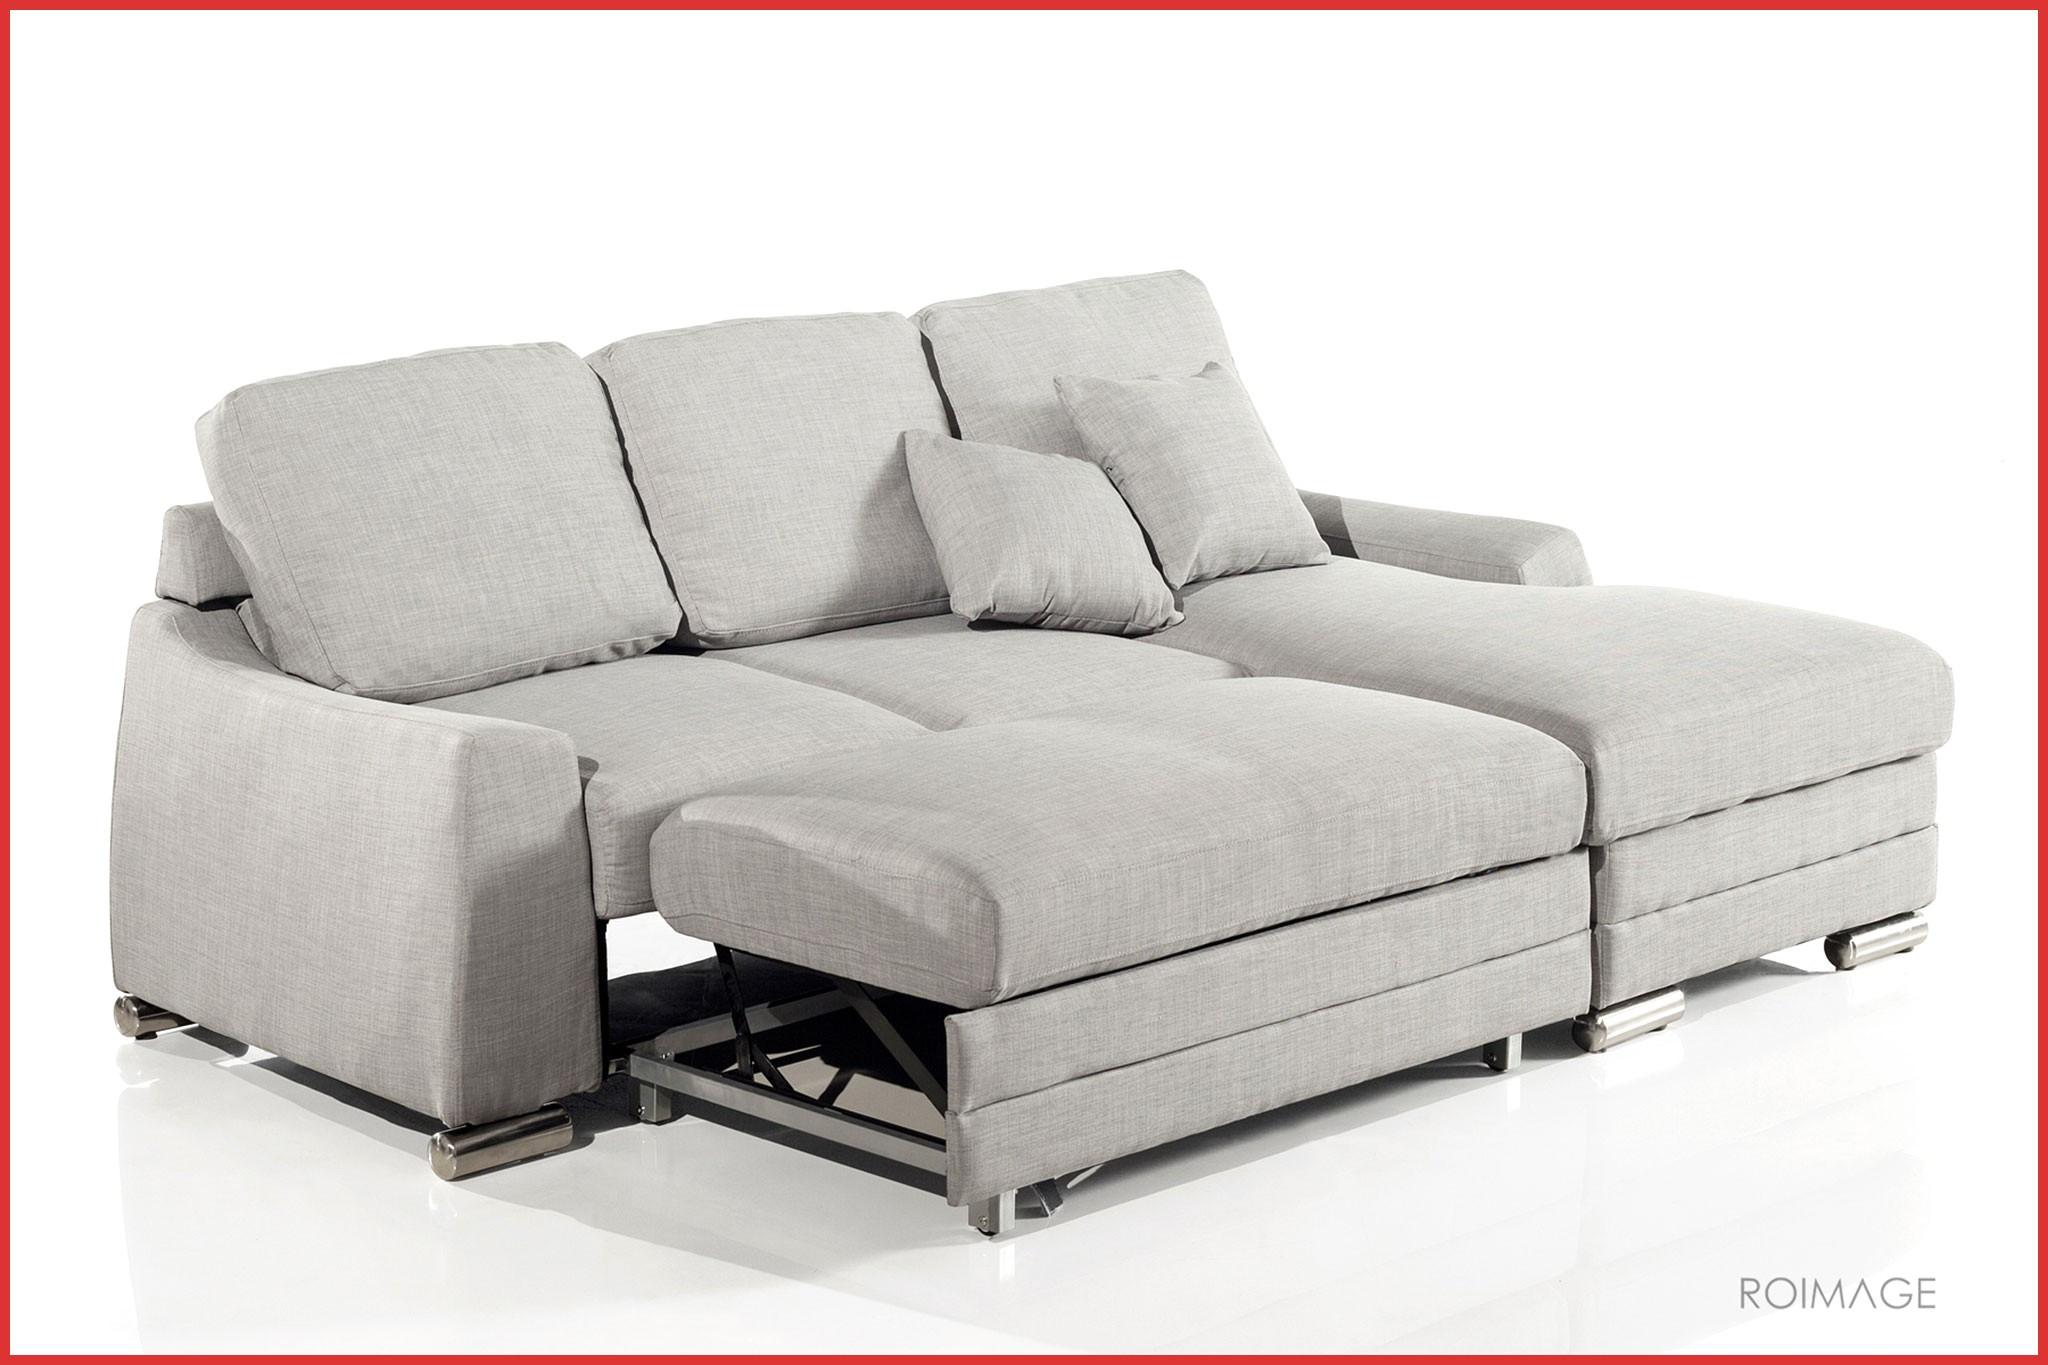 canap convertible couchage quotidien ikea meilleur de. Black Bedroom Furniture Sets. Home Design Ideas